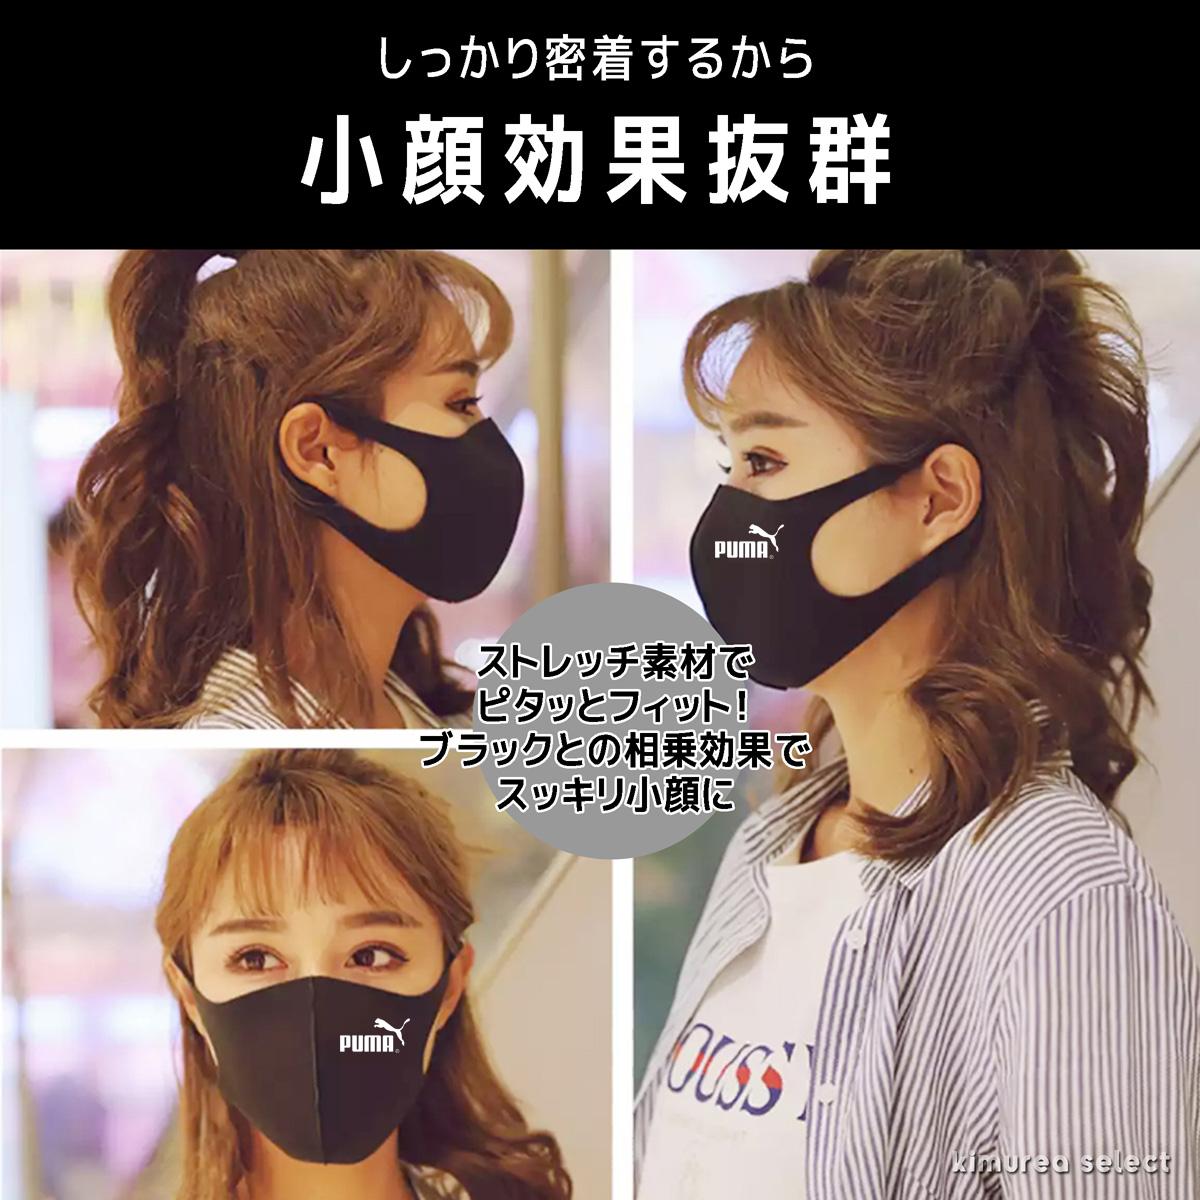 puma/プーママスク高級な素材を使用して上品な品質を保証できます